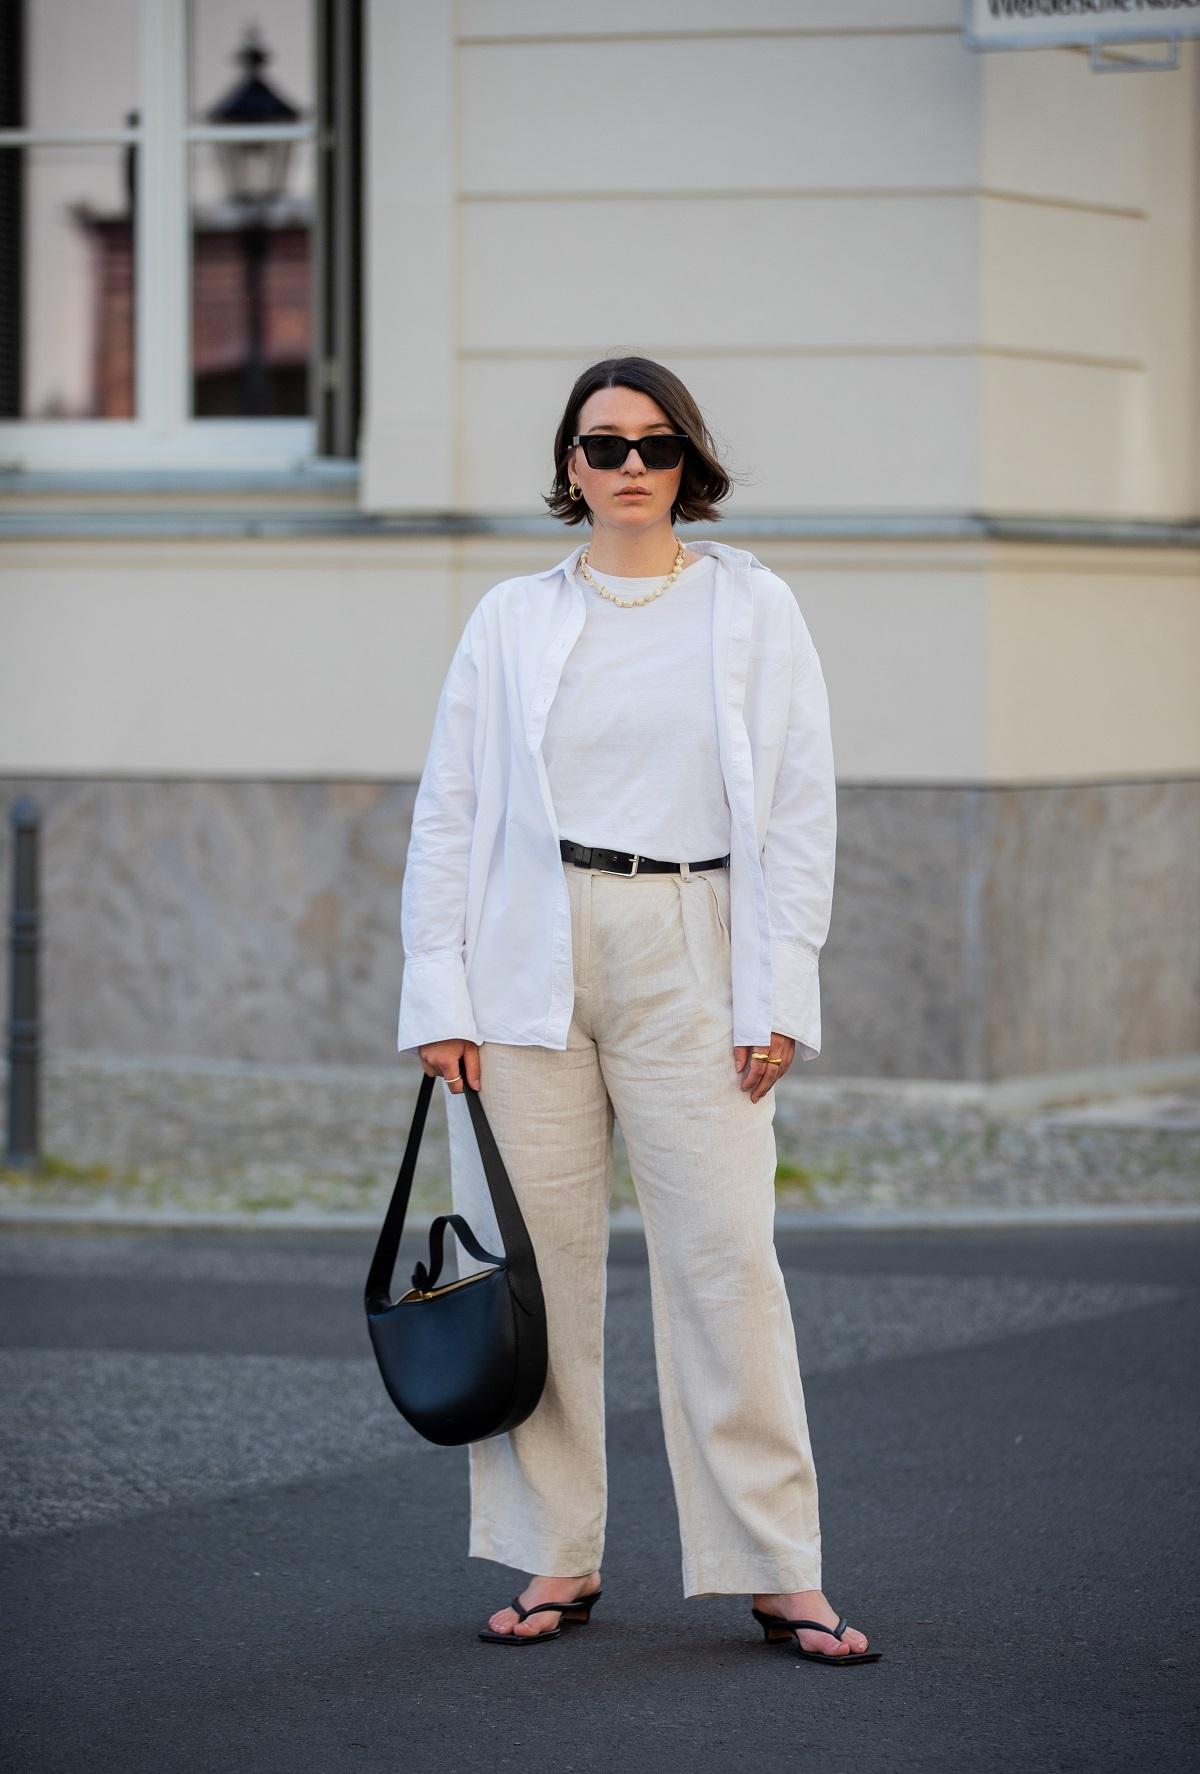 La camisa blanca como sobrecamisa.